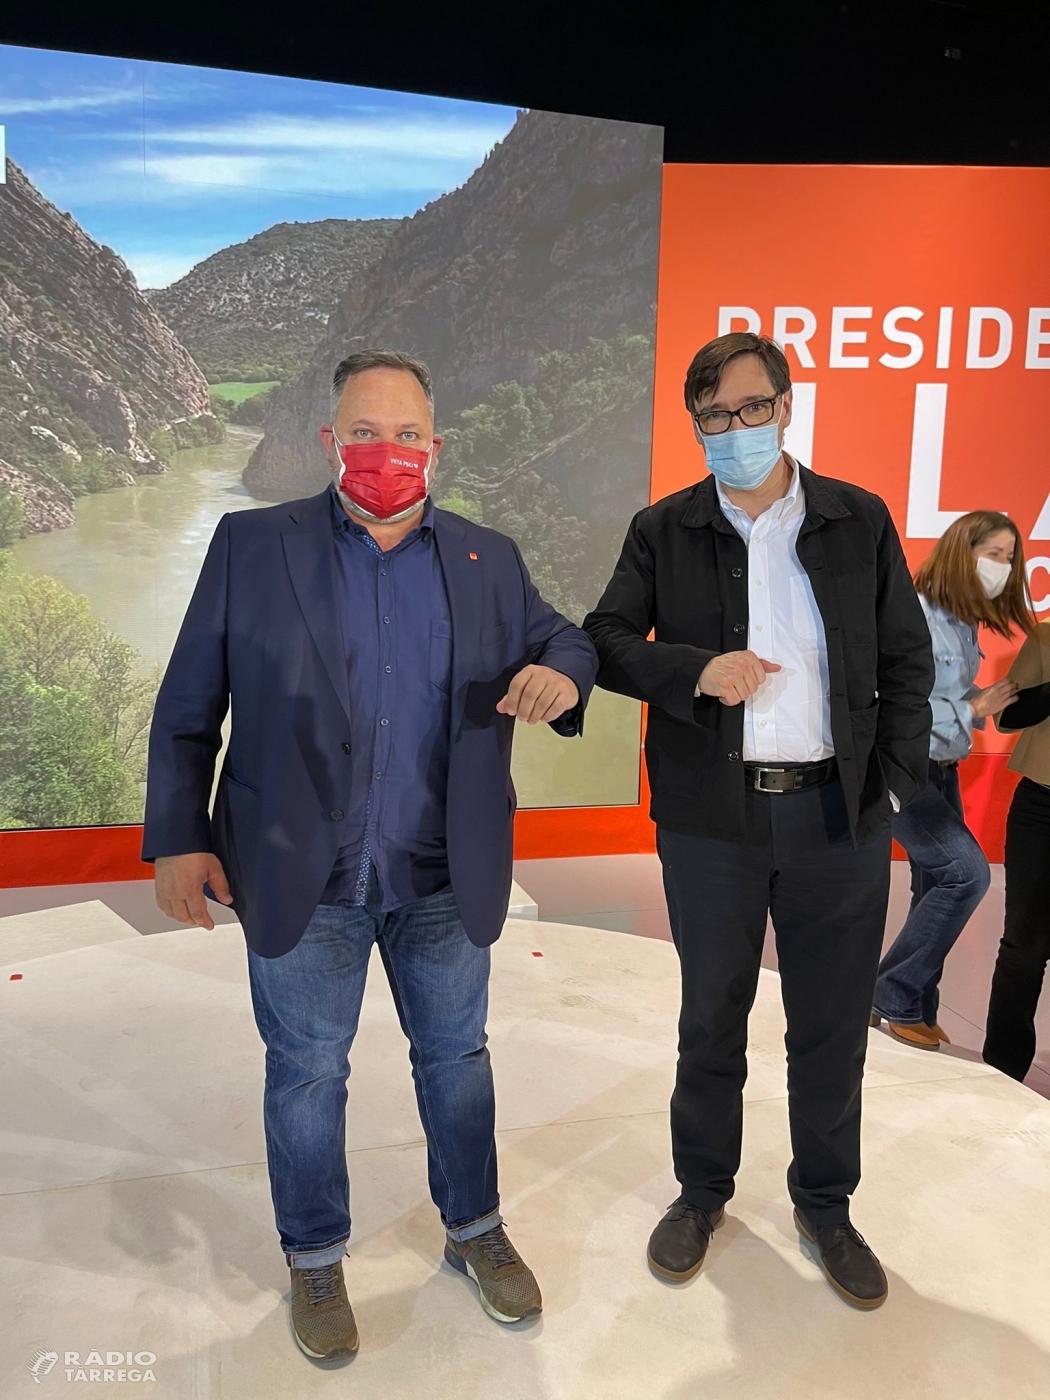 El PSC fa l'acte central de campanya a Lleida amb la presència de Salvador Illa, Òscar Ordeig, Meritxell Batet i el President del Govern, Pedro Sánchez